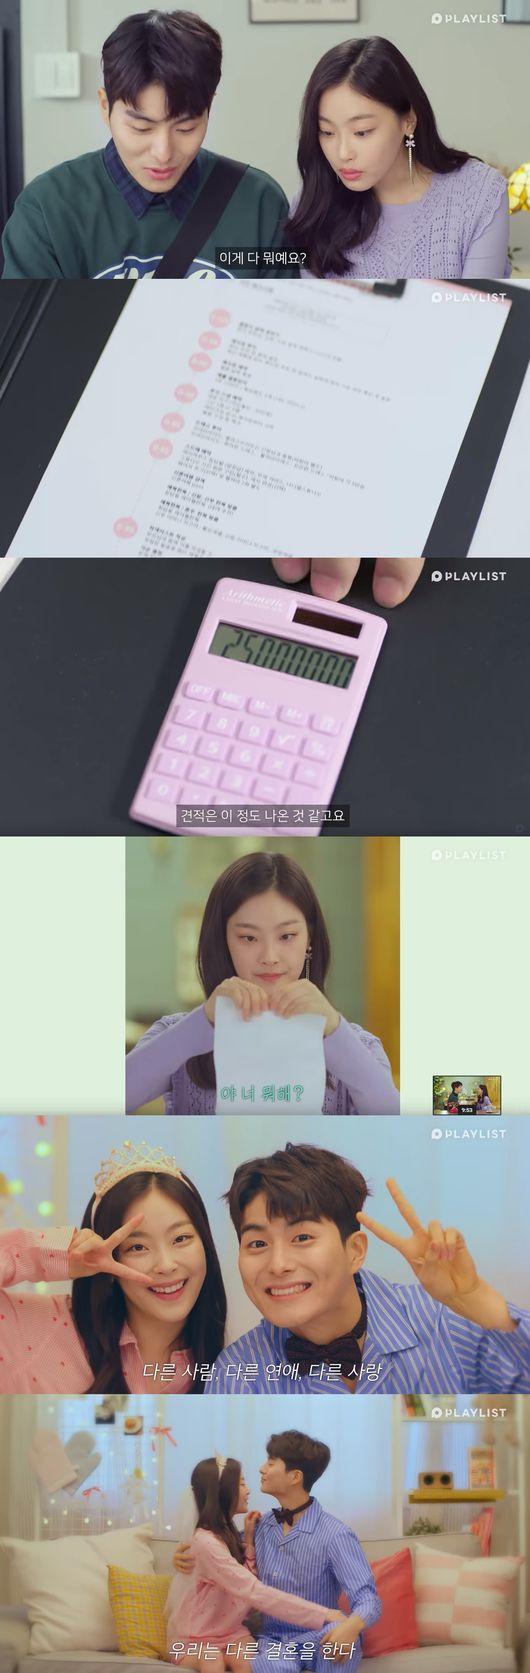 '최고의 엔딩' 방송화면 캡처